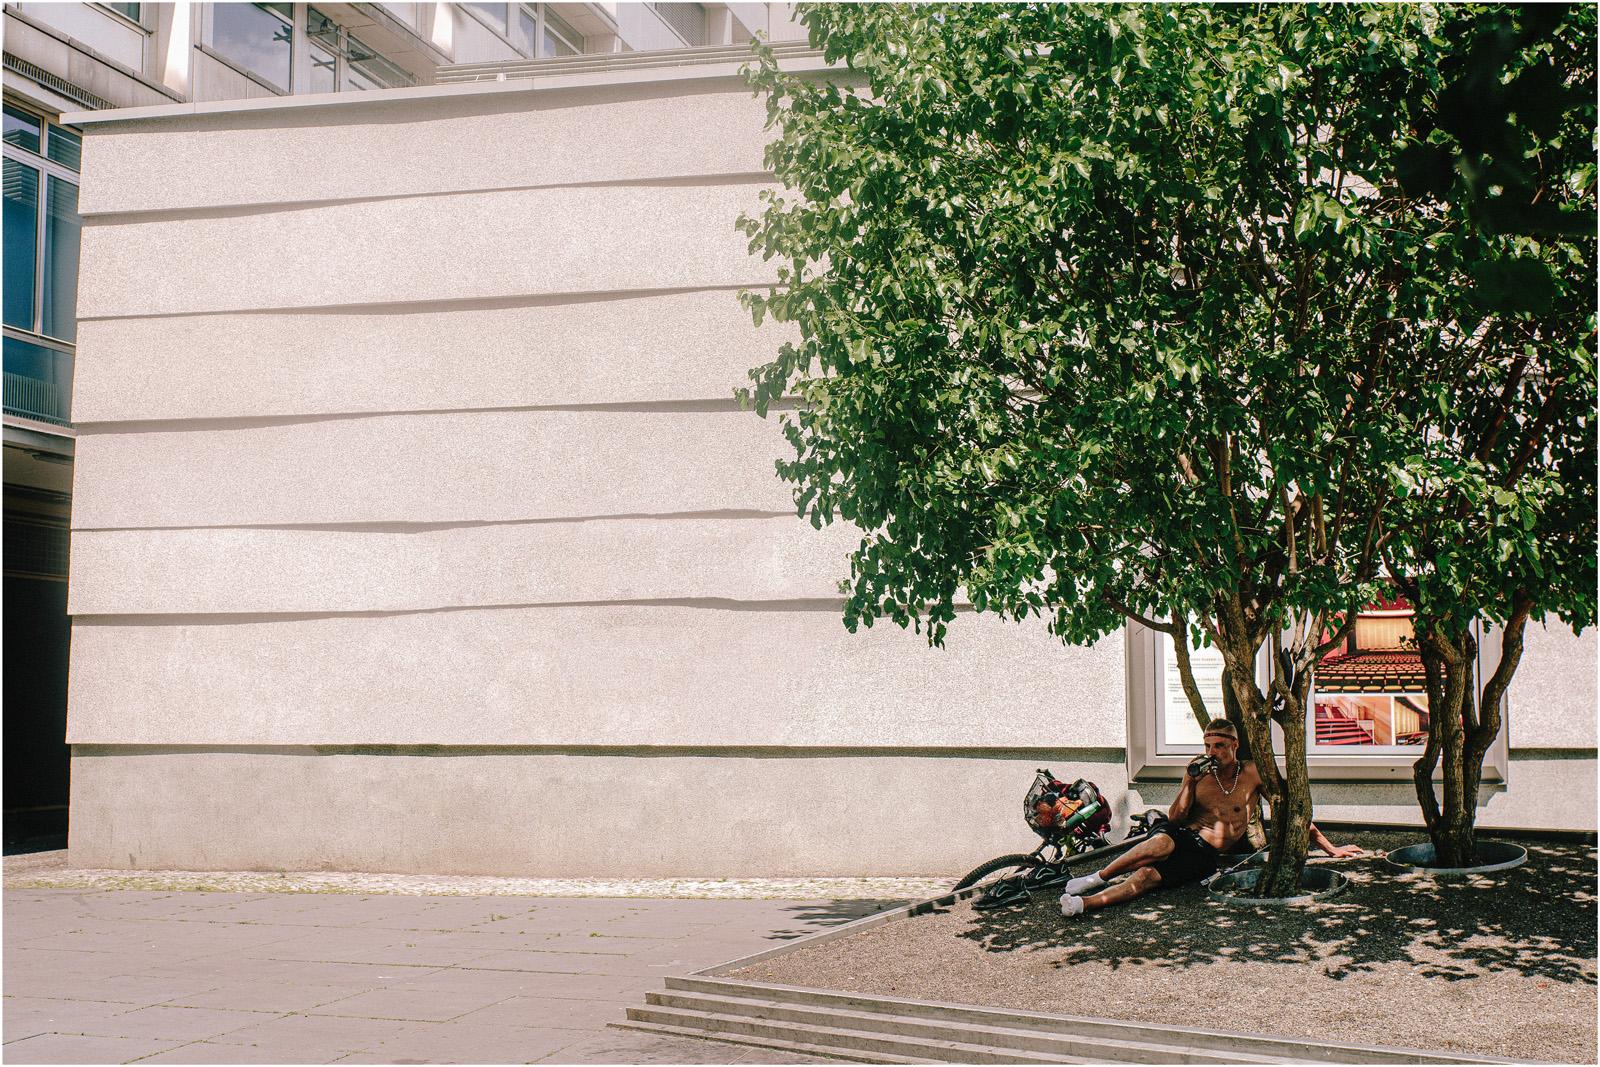 Miasto rowerów. Berlin. 131